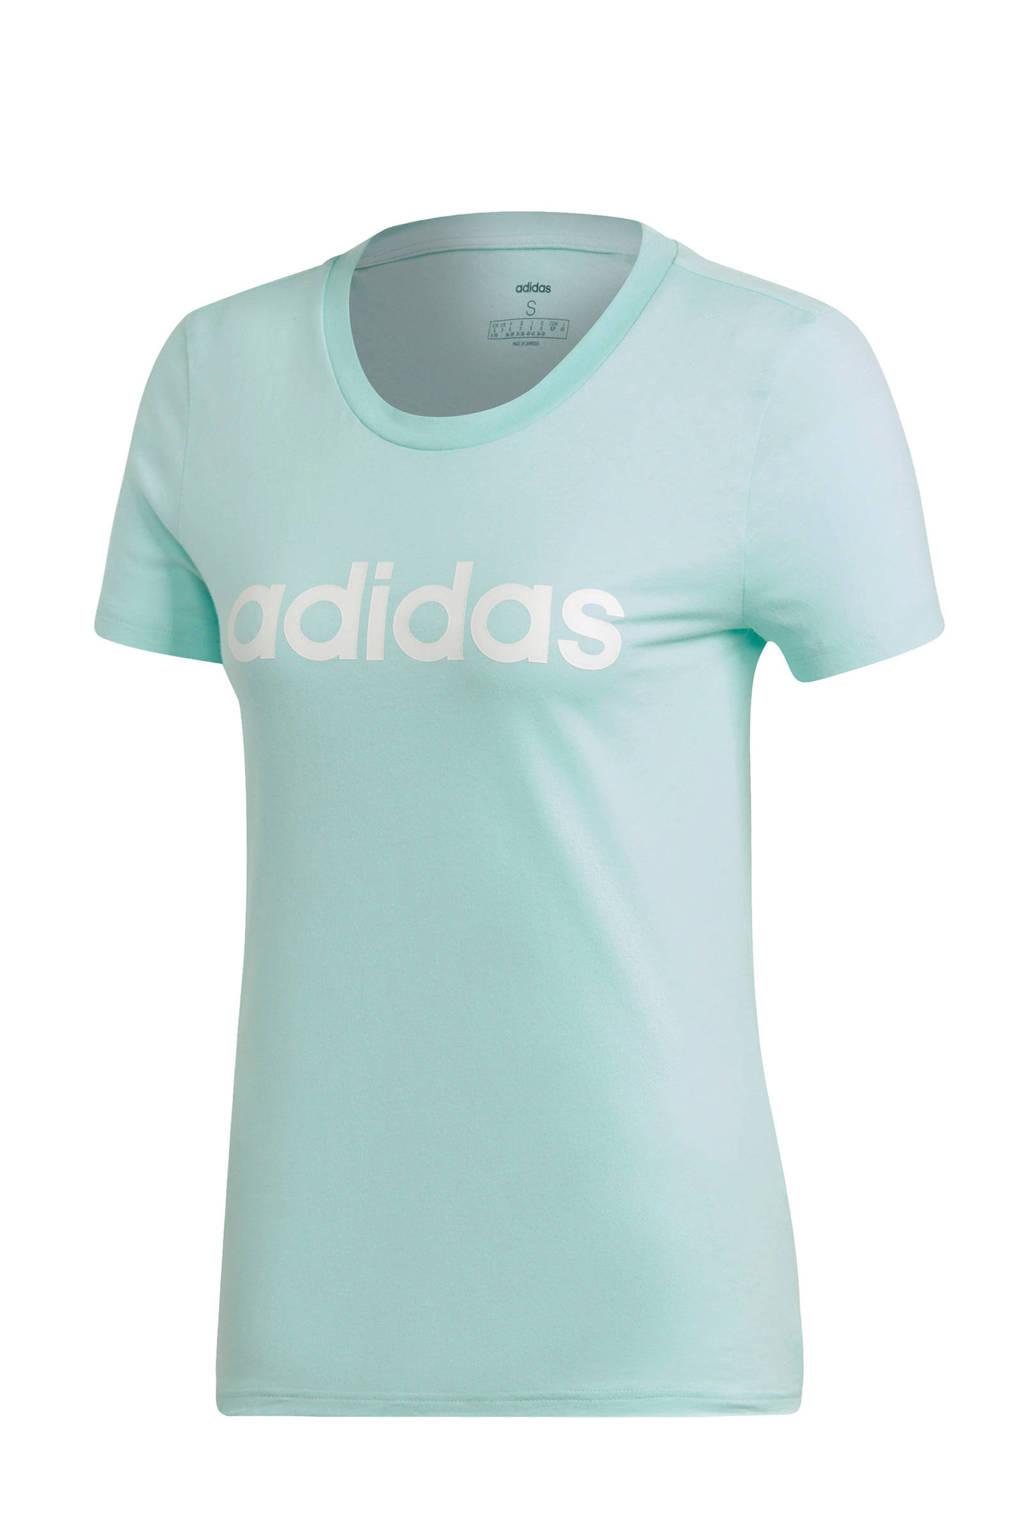 adidas performance sport T-shirt mintgroen, Mintrgroen/wit